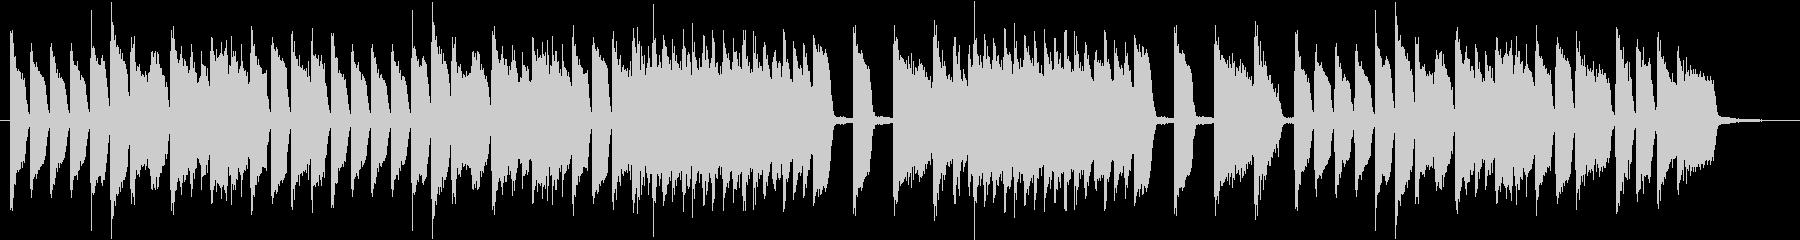 クラシック的なピアノの小品の未再生の波形